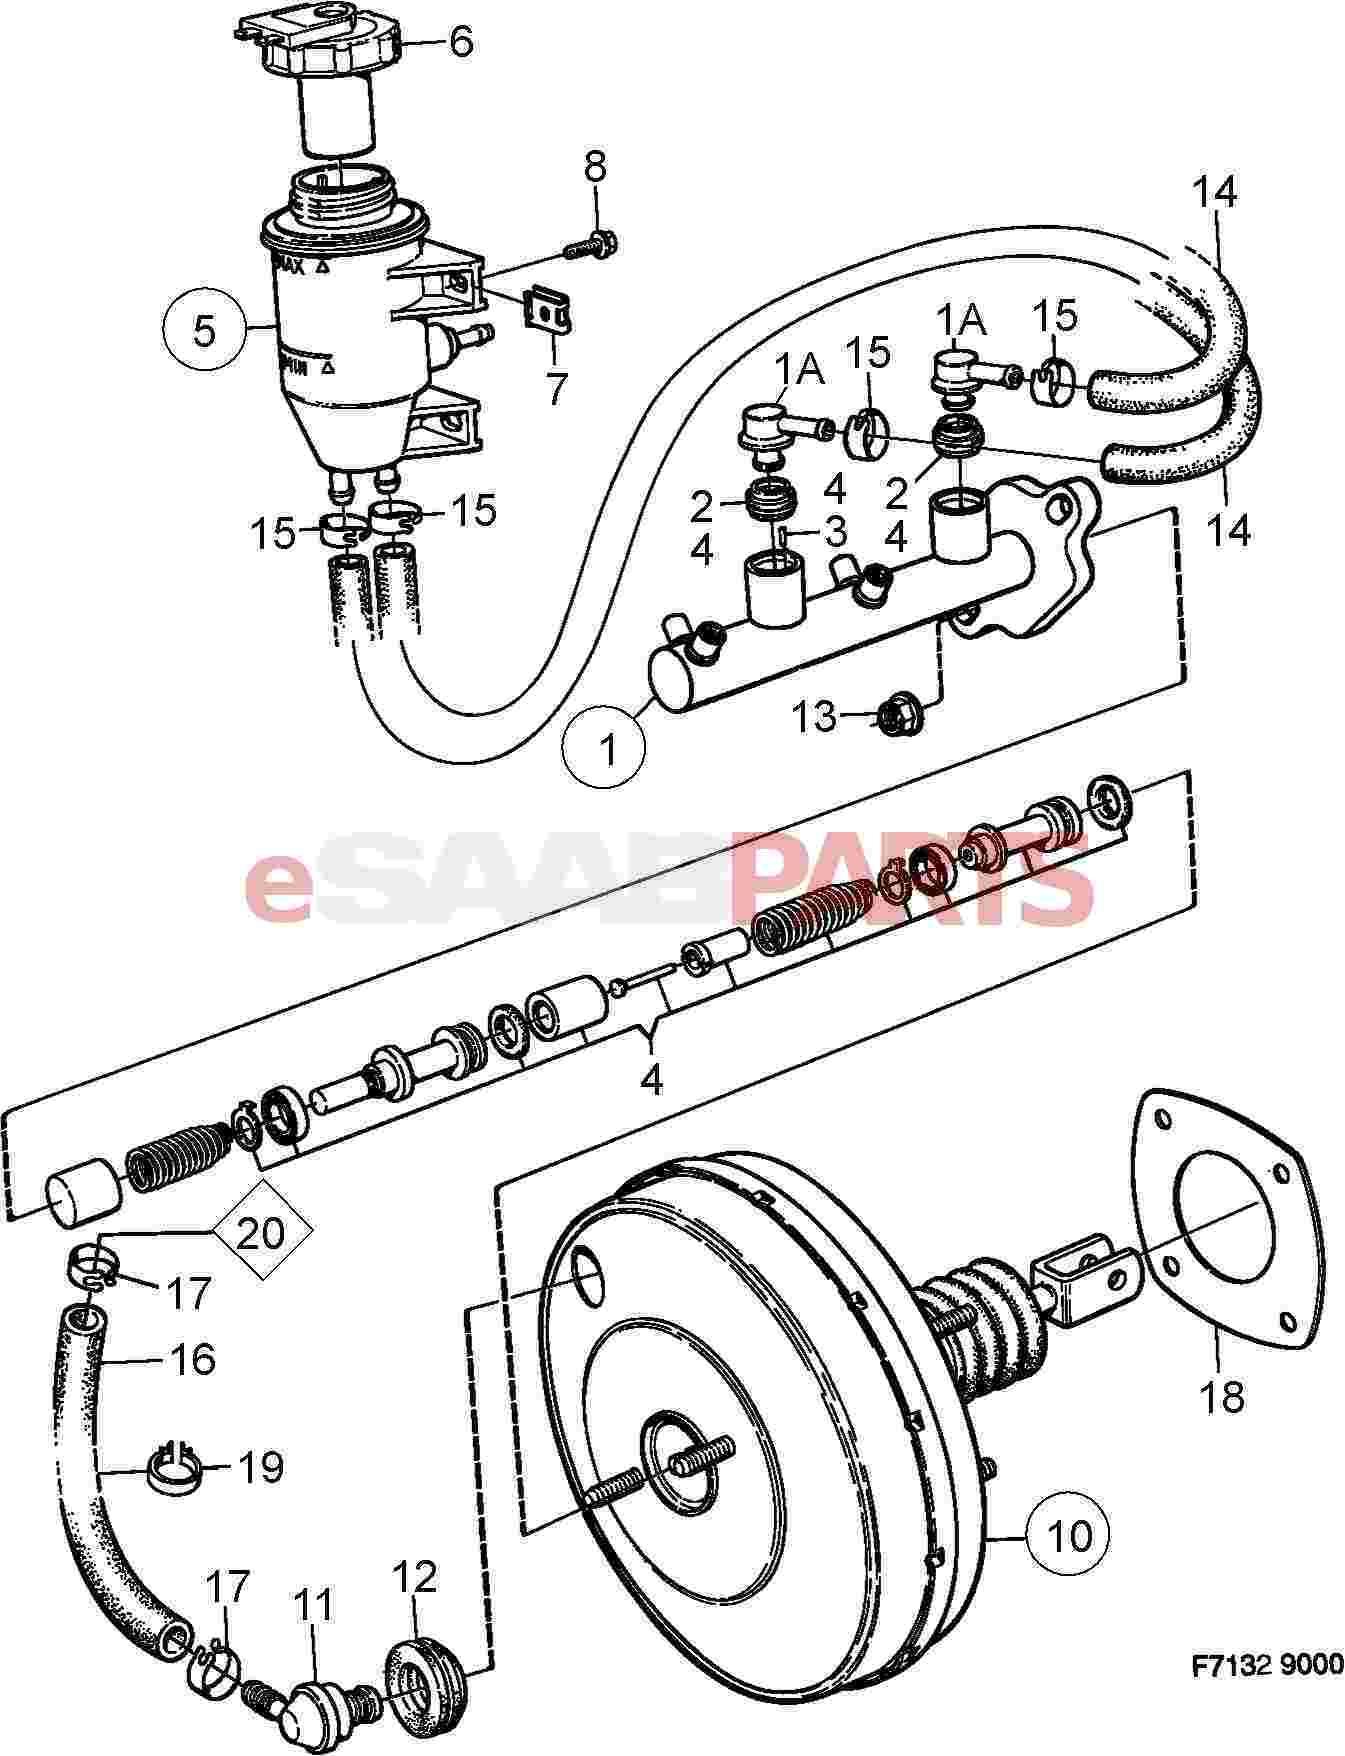 2003 saturn vue bcm wiring diagram john deere 4240 door lock source